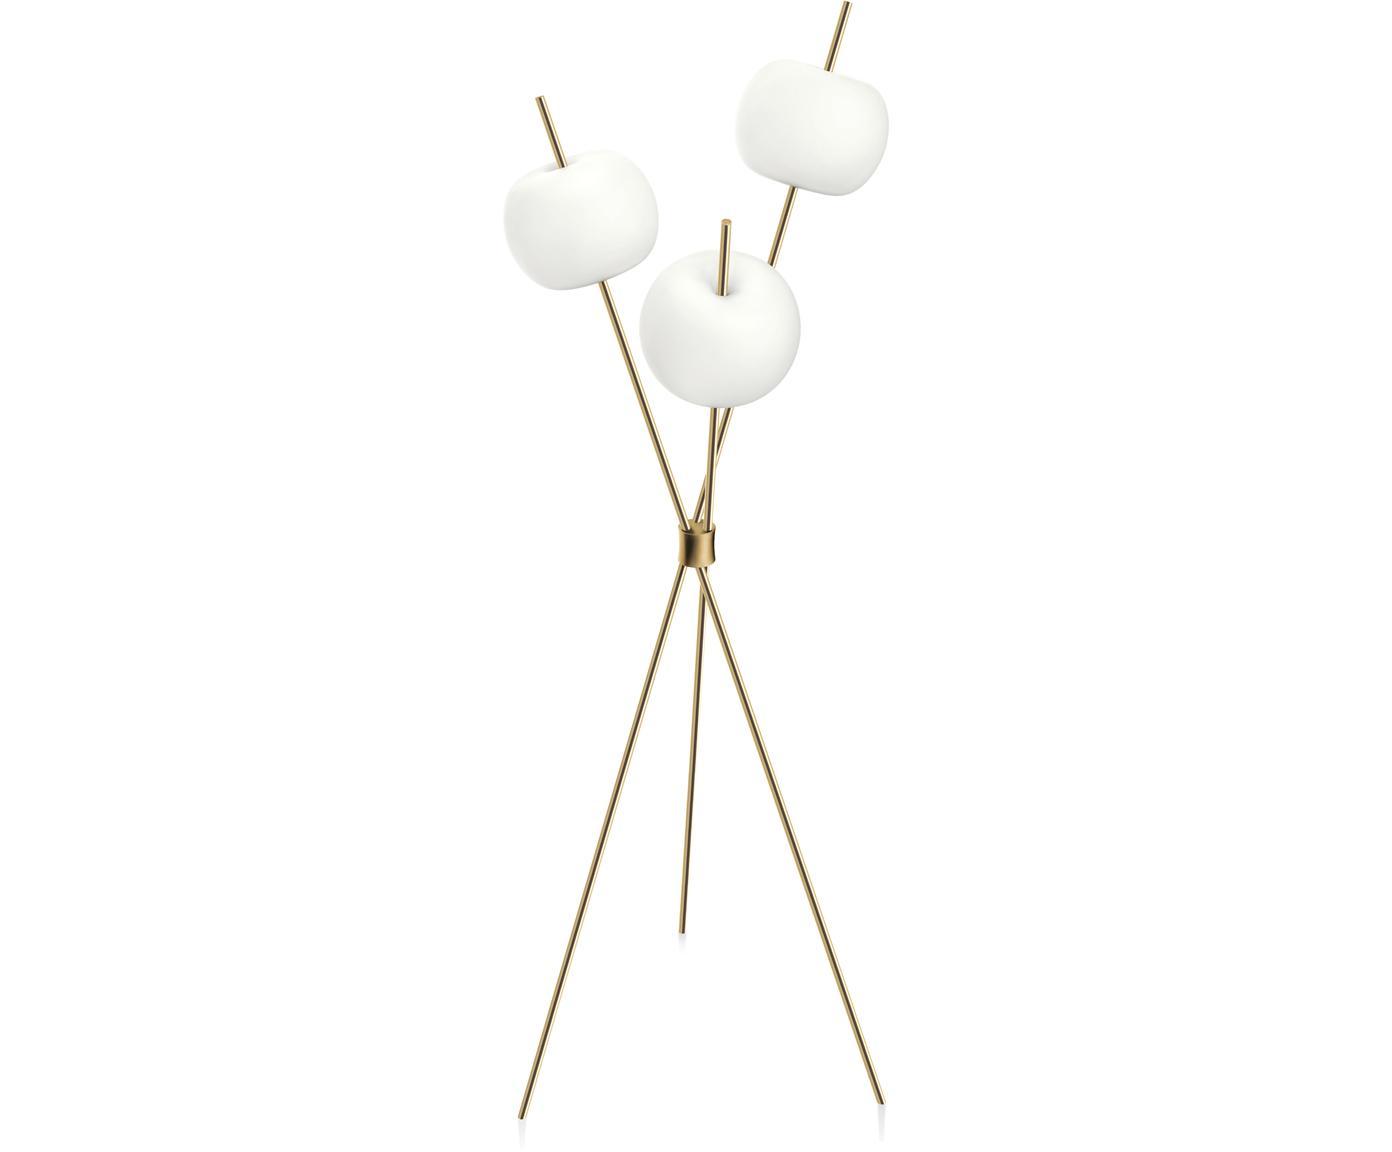 Lámpara de pie LED regulable Kushi, Pantalla: vidrio, grabado, Estructura: latón, con pintura en pol, Latón, blanco, Ø 56 x Al 140 cm